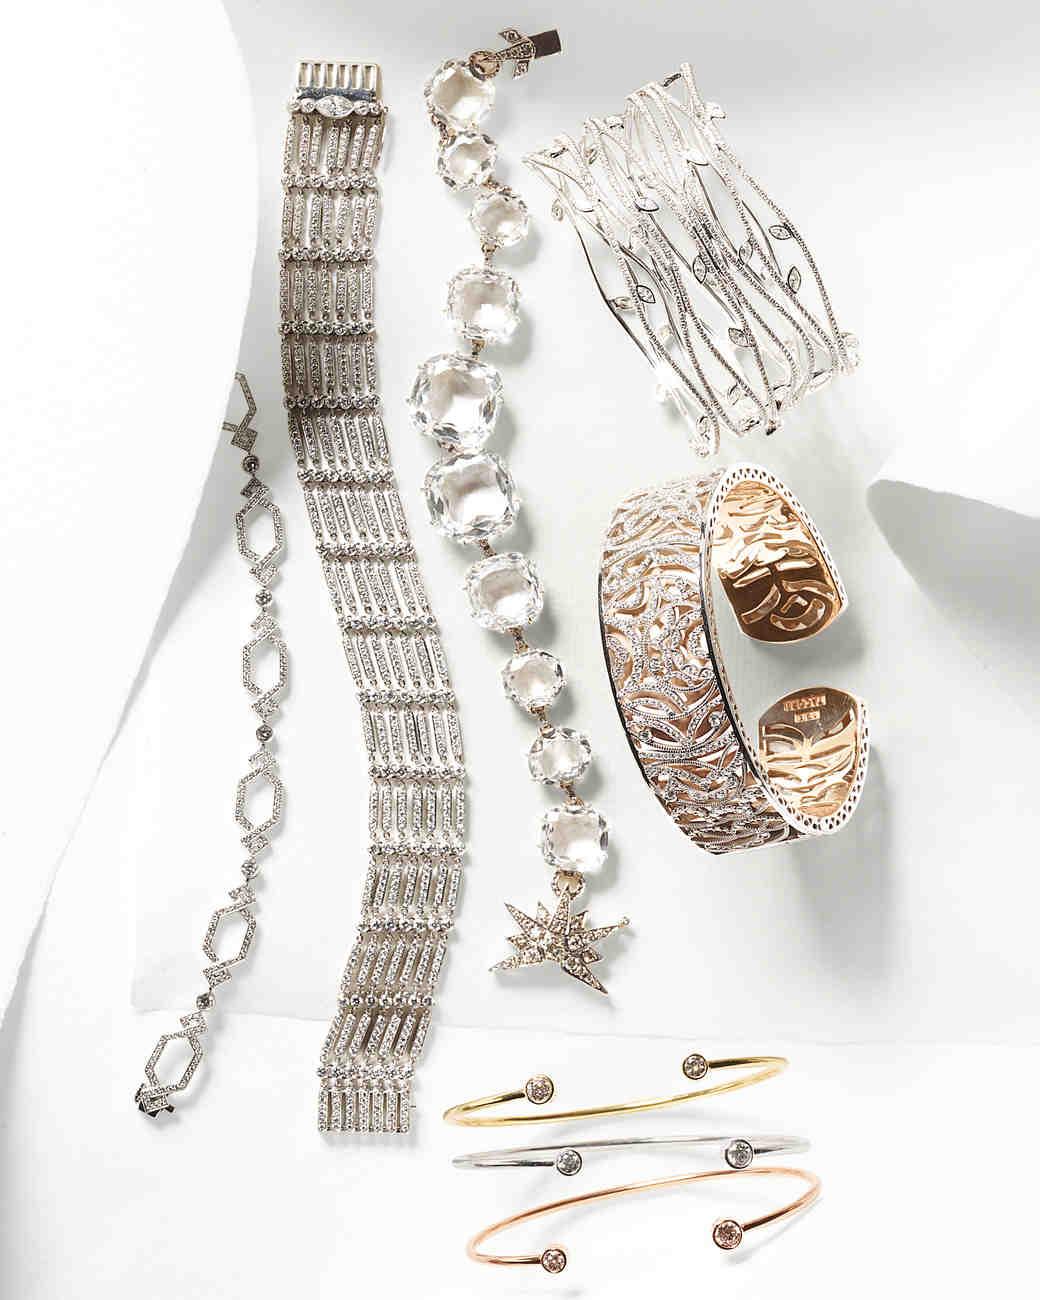 bracelets-033-exp1-shd-mwd110049.jpg